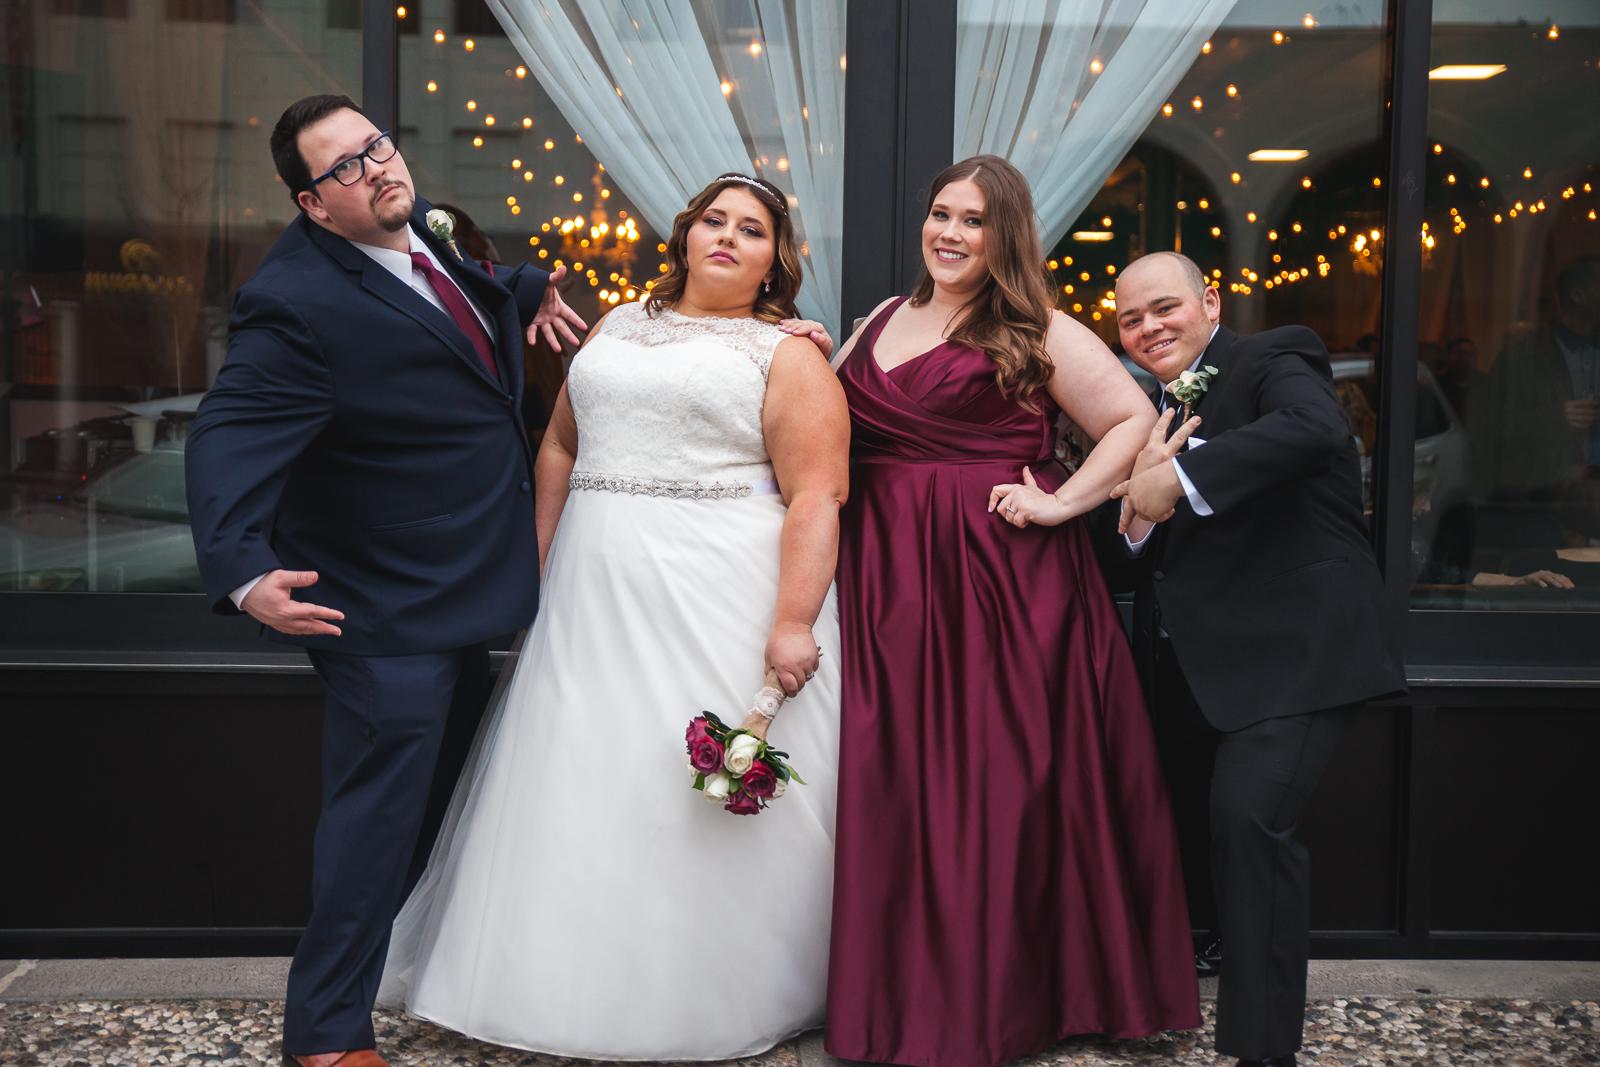 plus size wedding modesto.jpg